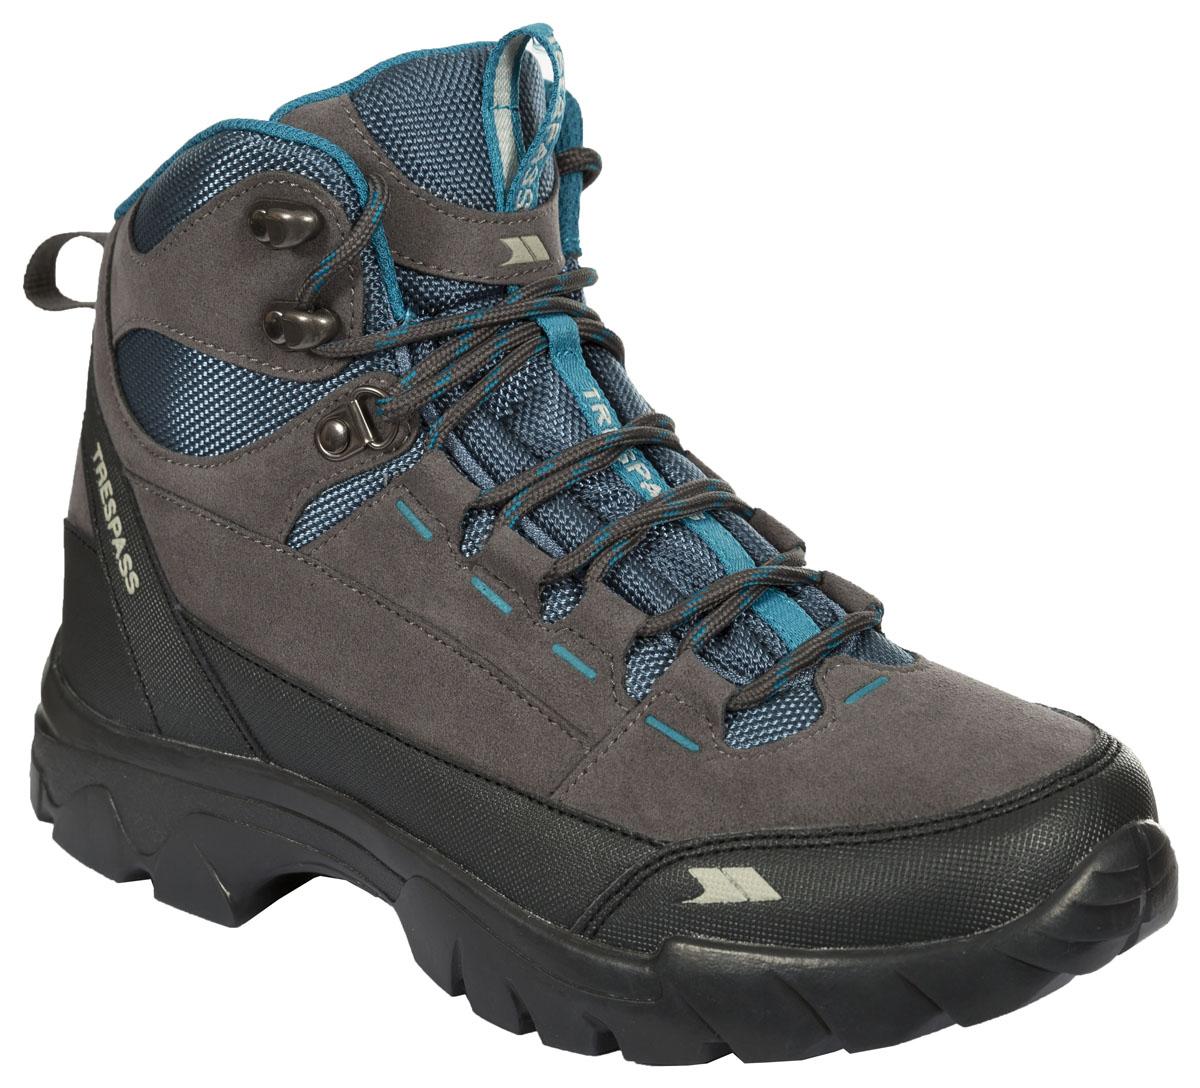 БотинкиFAFOBOL20005Современные трекинговые женские ботинки Illya от Trespass выполнены из текстильного водонепроницаемого материала. Специальное покрытие эффективно обеспечивает сухость и комфорт вашим ногам. Подкладка и стелька из текстиля комфортны при движении. Шнуровка надежно зафиксирует модель на ноге. Подошва дополнена рифлением.